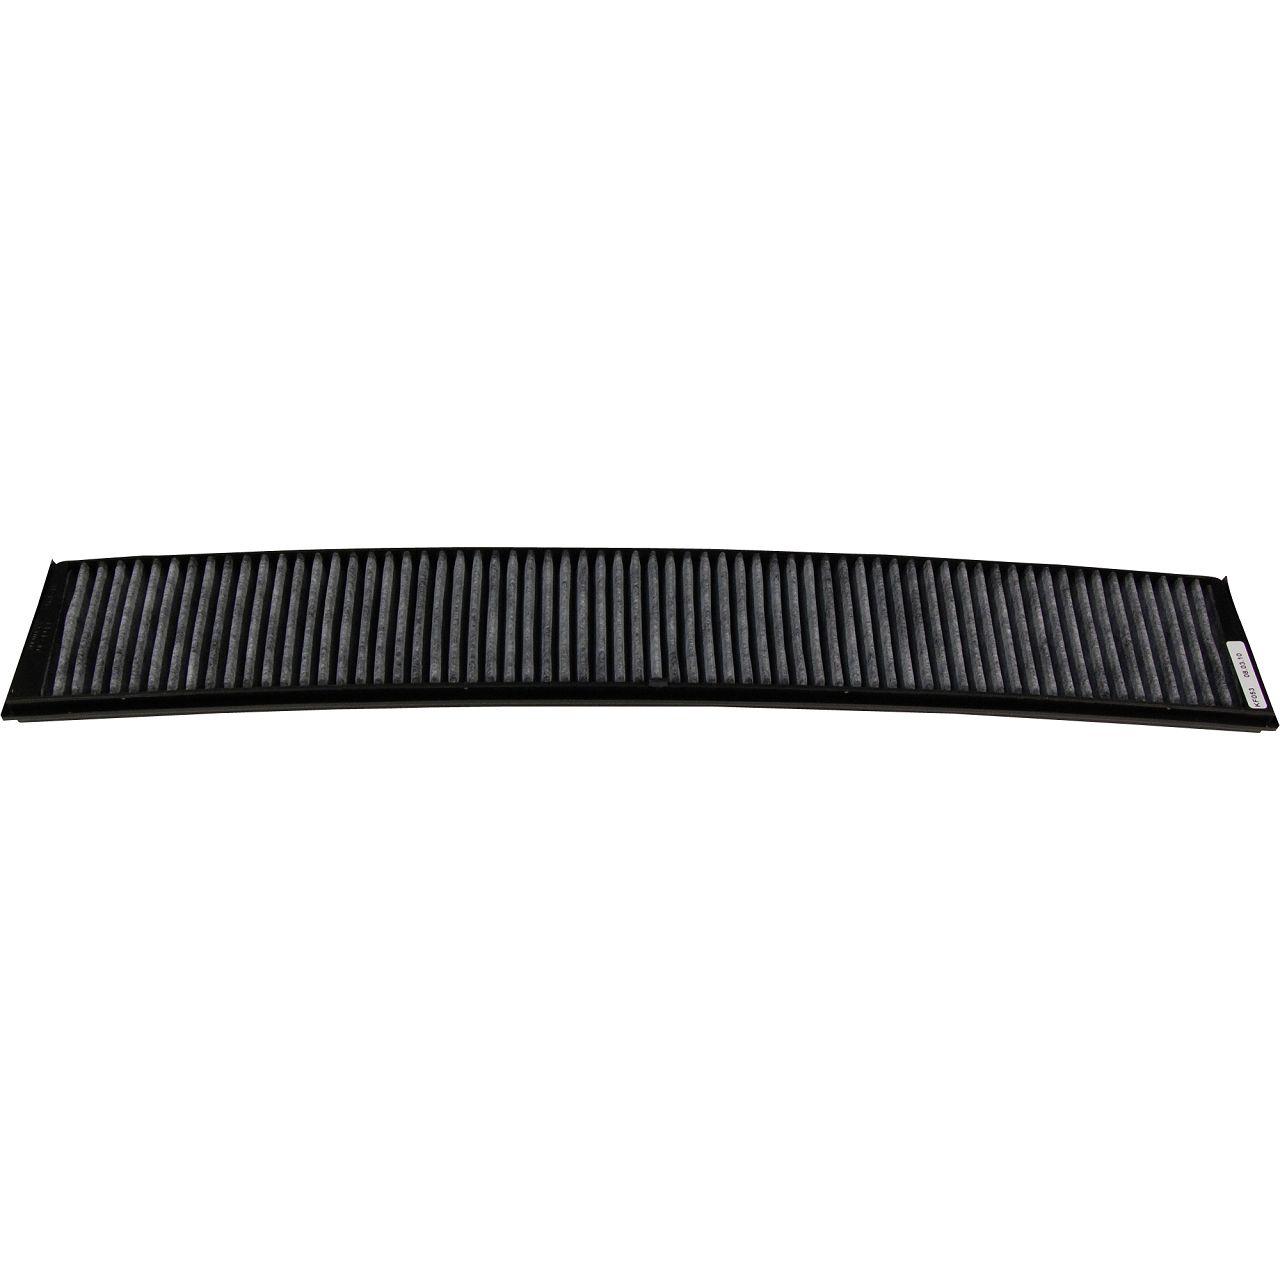 Inspektionskit Filterpaket für BMW 3er E46 318d 115/116 PS + 320d 136 PS